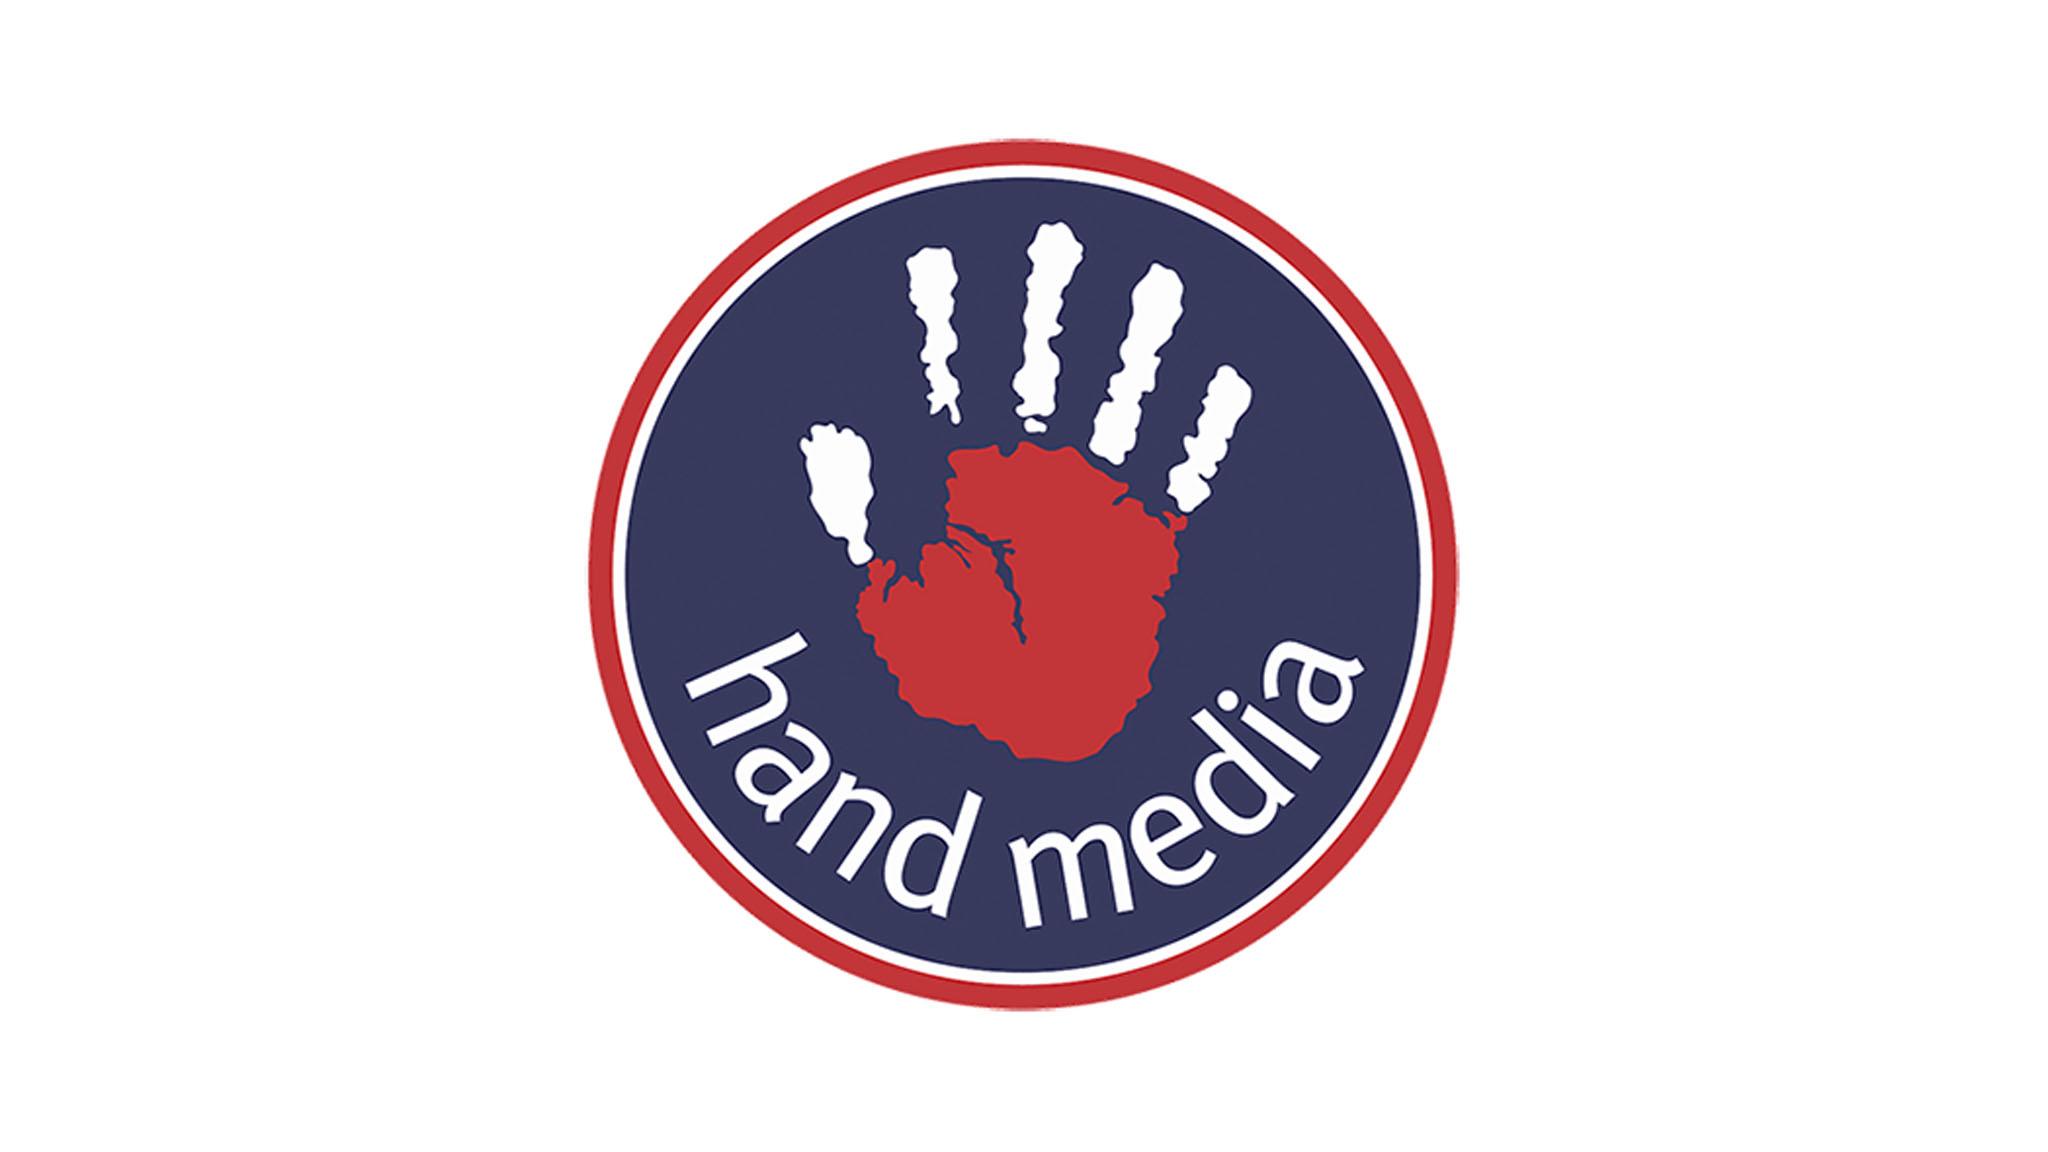 hand media logo